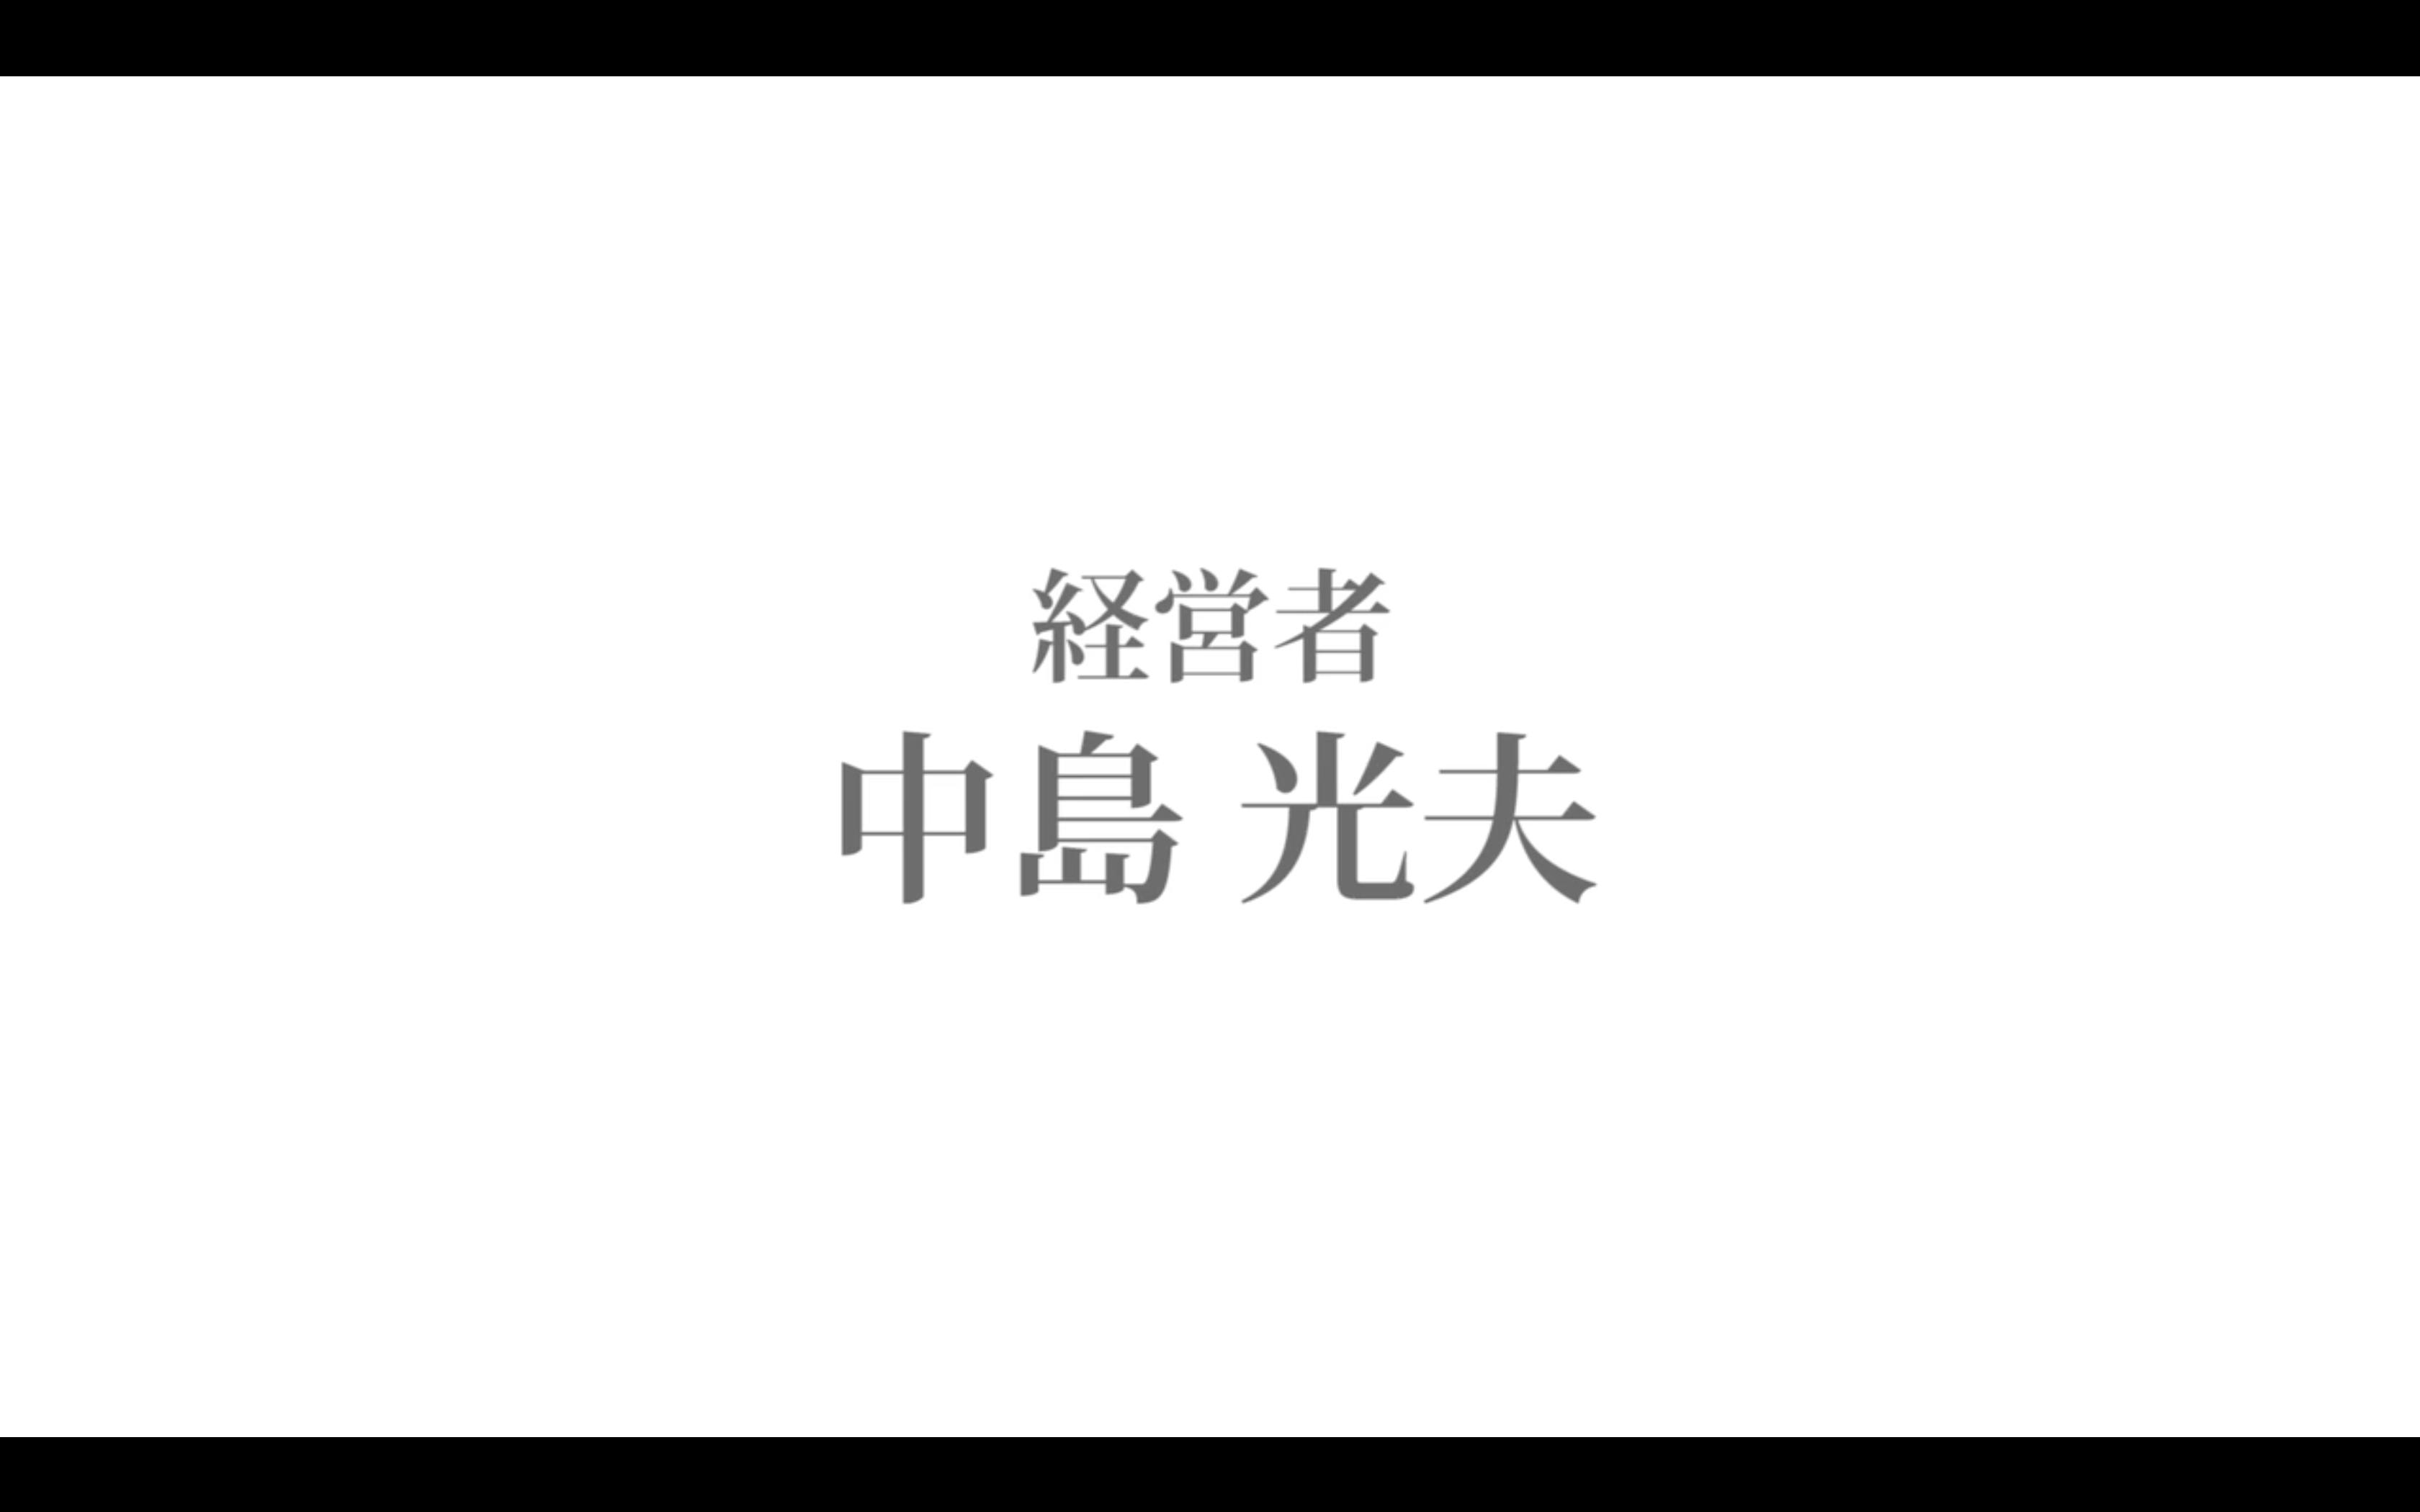 Web TV「覚悟の瞬間(かくごのとき)」に弊社代表取締役中島の特集が掲載されました。